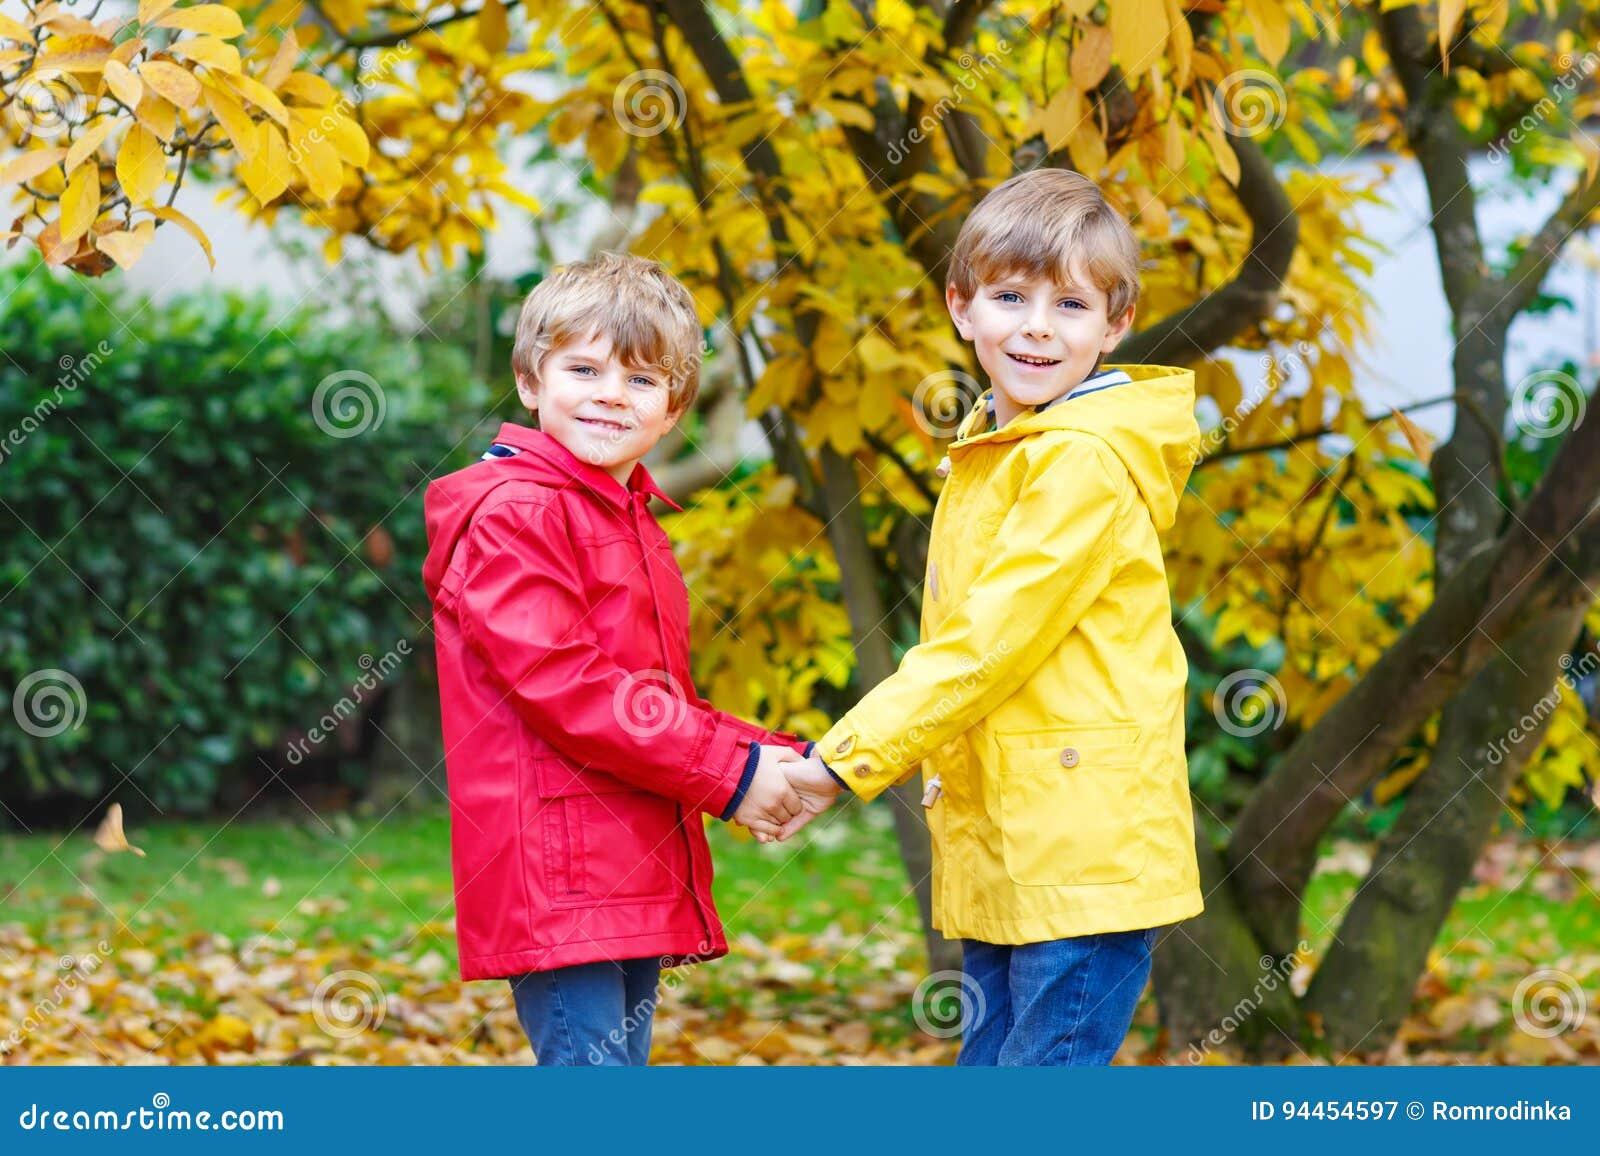 Dos pequeños otoños de los muchachos de los mejores amigos y de los niños parquean en ropa colorida